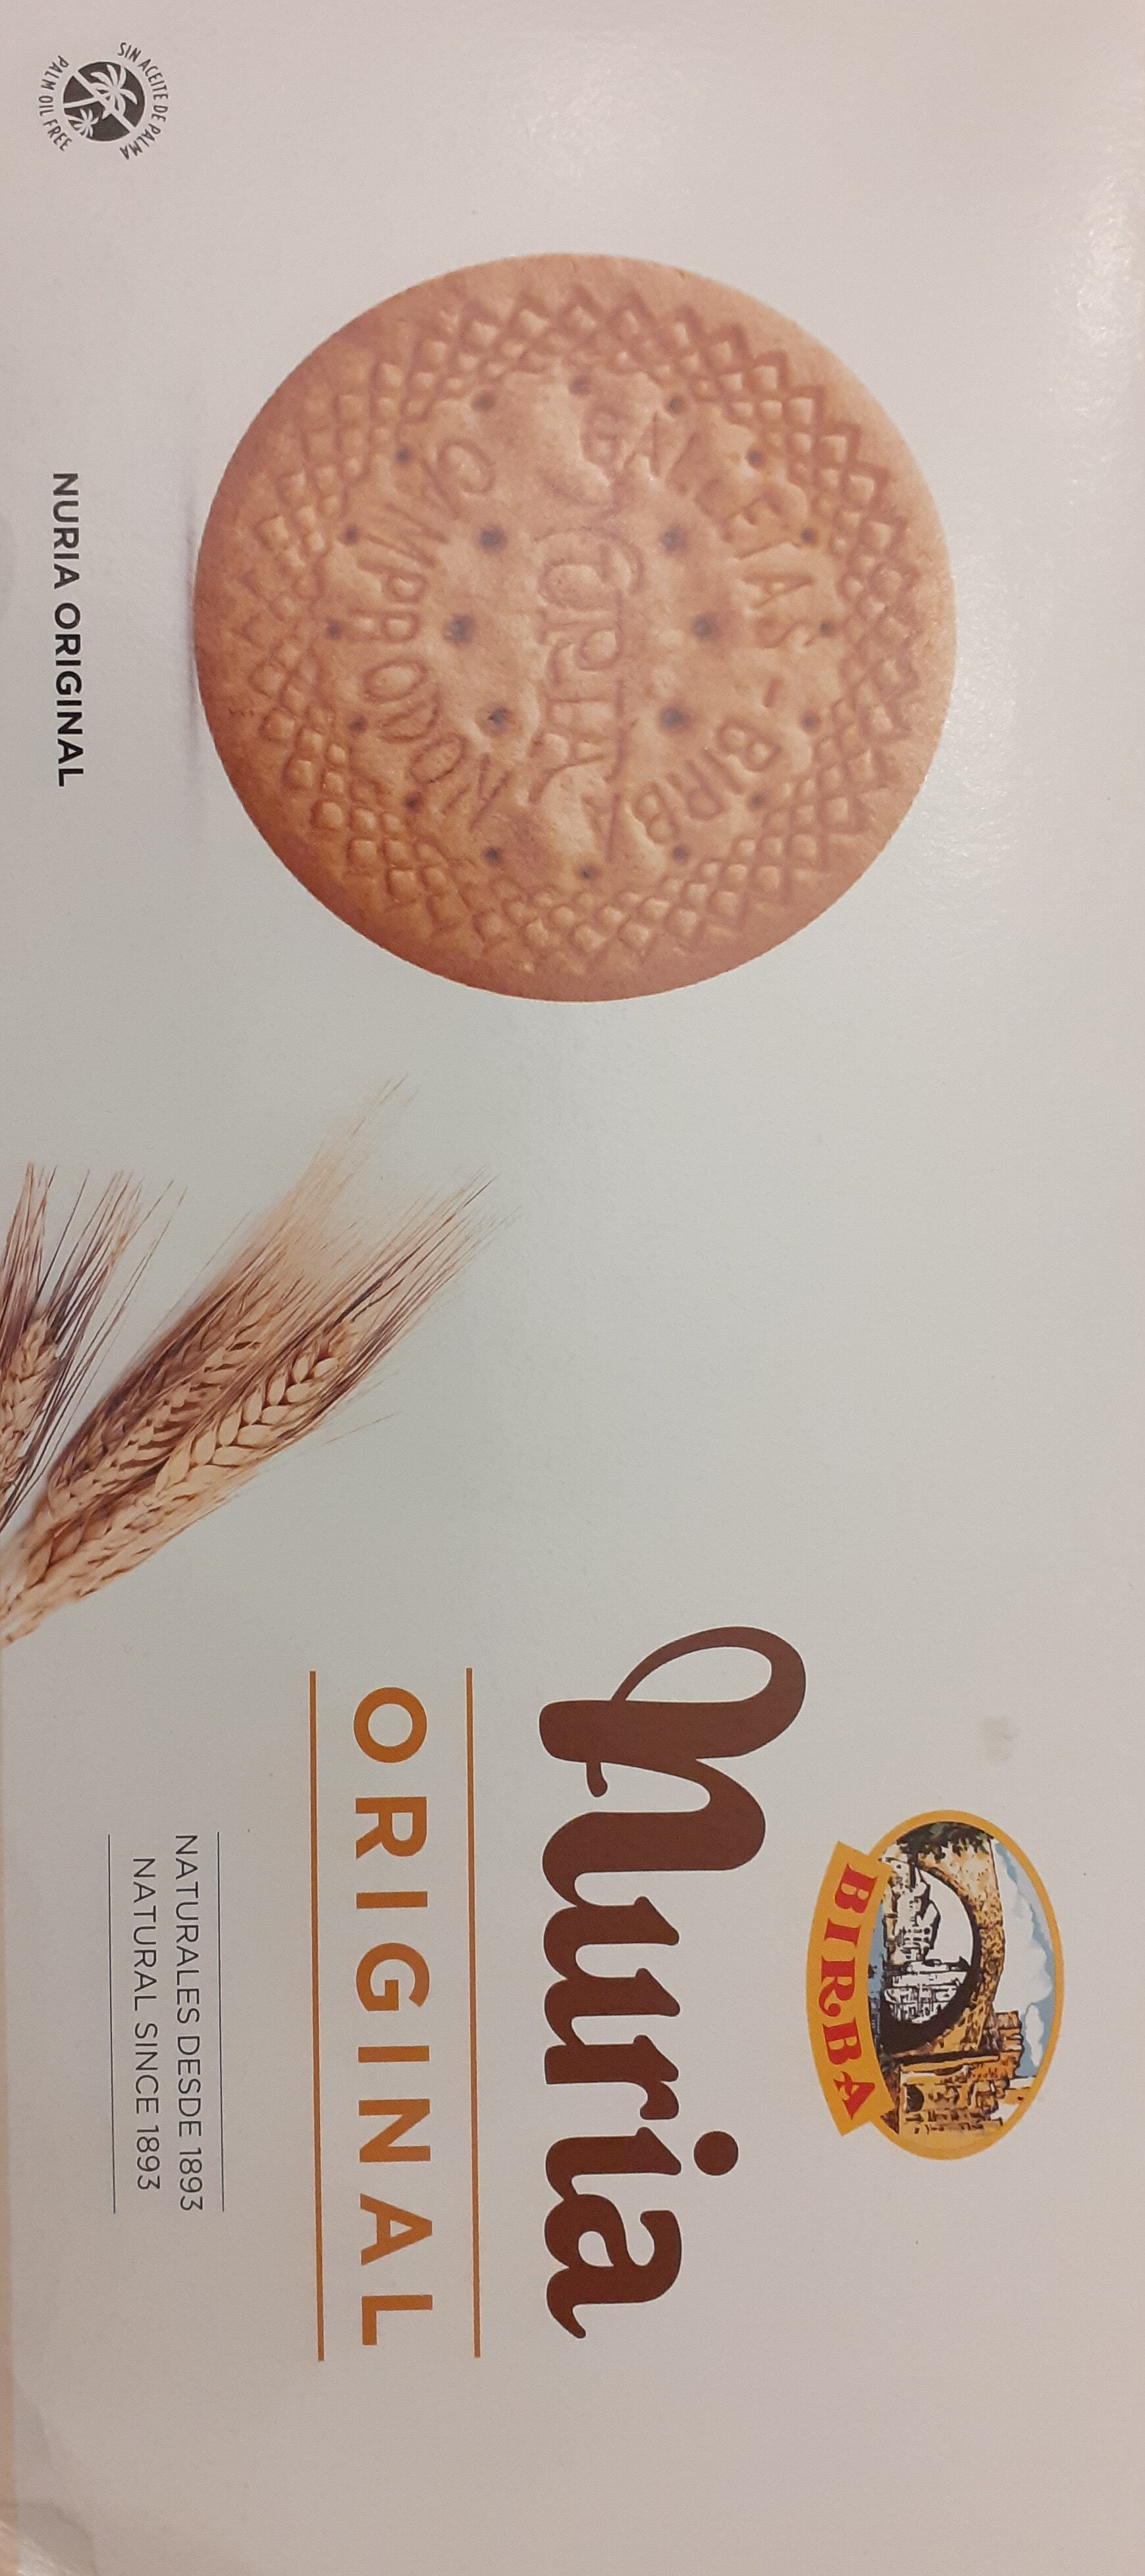 Nuria original galletas naturales sin aceite de palma - Product - es